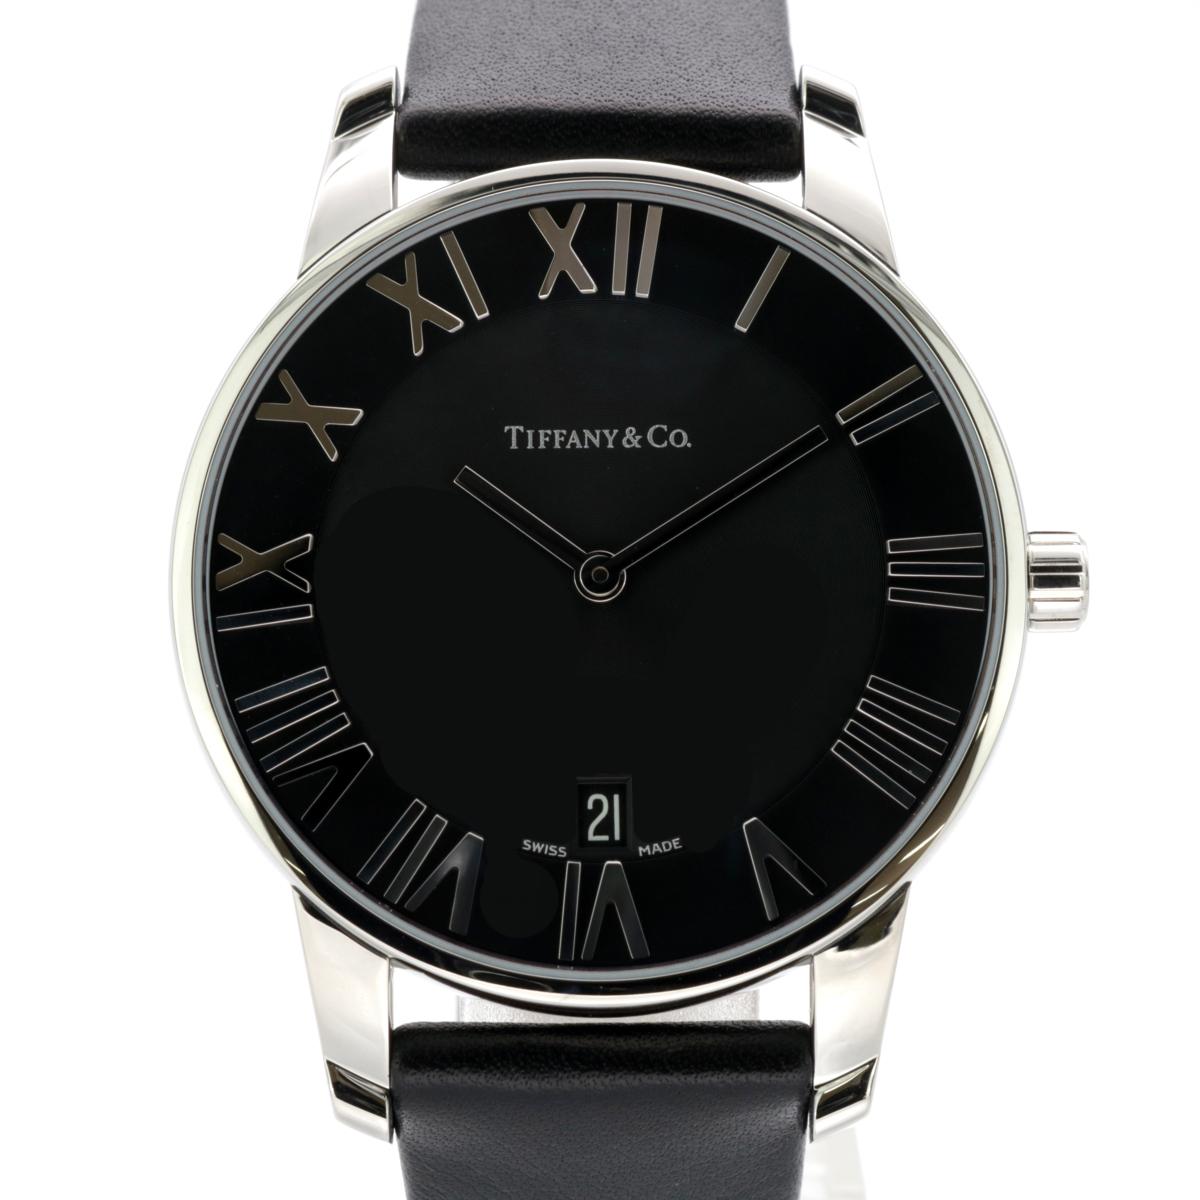 [ティファニー] TIFFANY Atlas Dome 腕時計 Z1800.11.10A10A52A ブラック文字盤 バッファロー革ベルトタイプ クォーツ 未使用B / AC0272